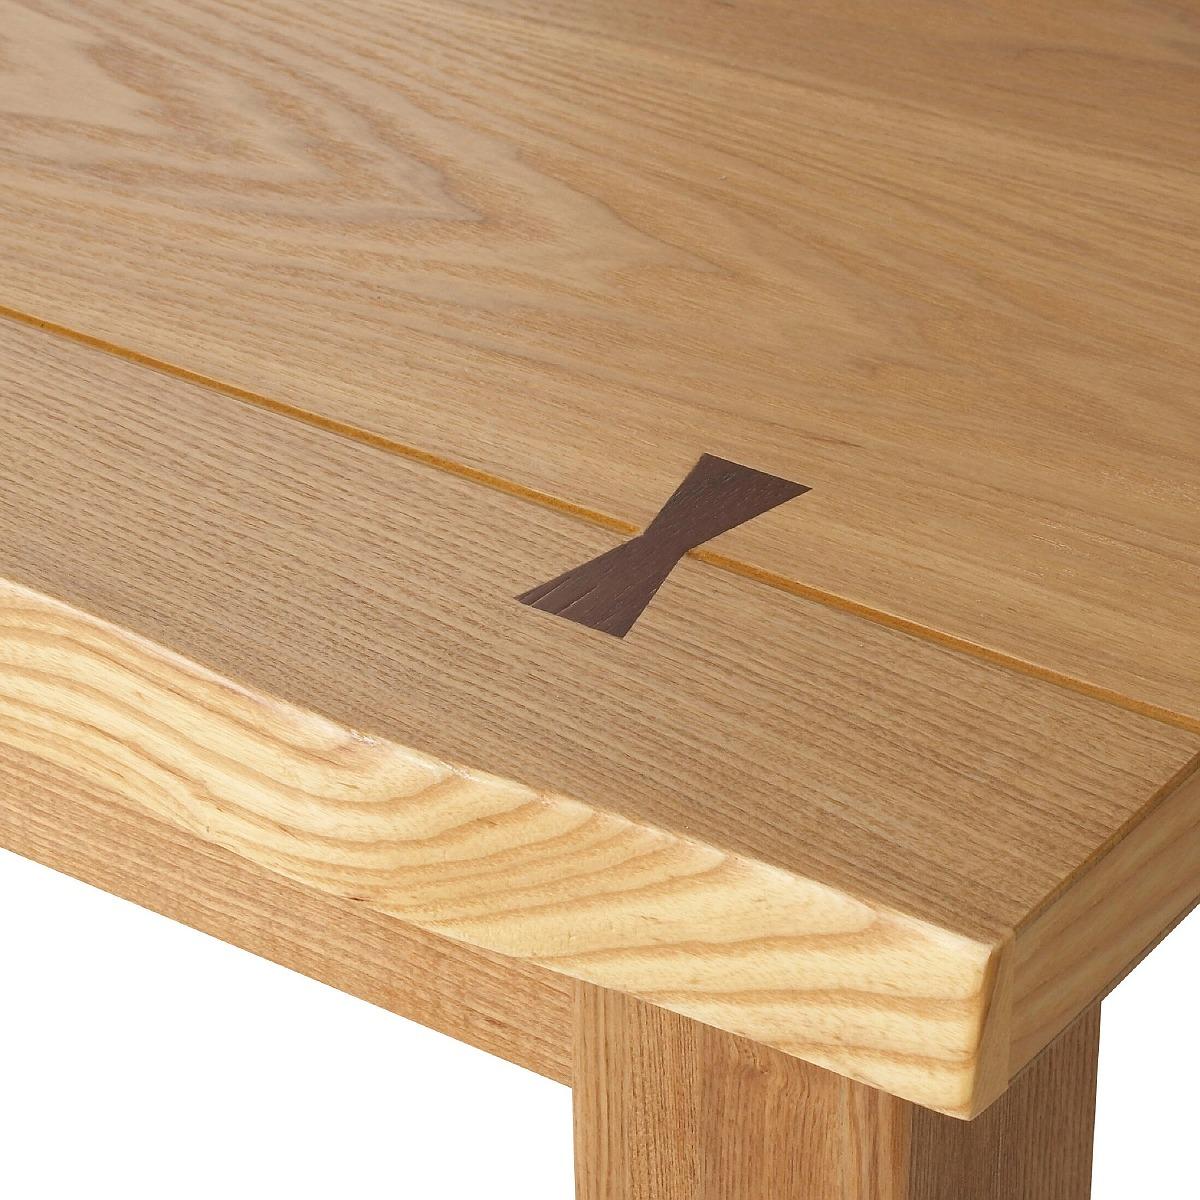 暖气用具 日式取暖桌 91cm~ 商品详细信息   材料 天然白蜡木贴面